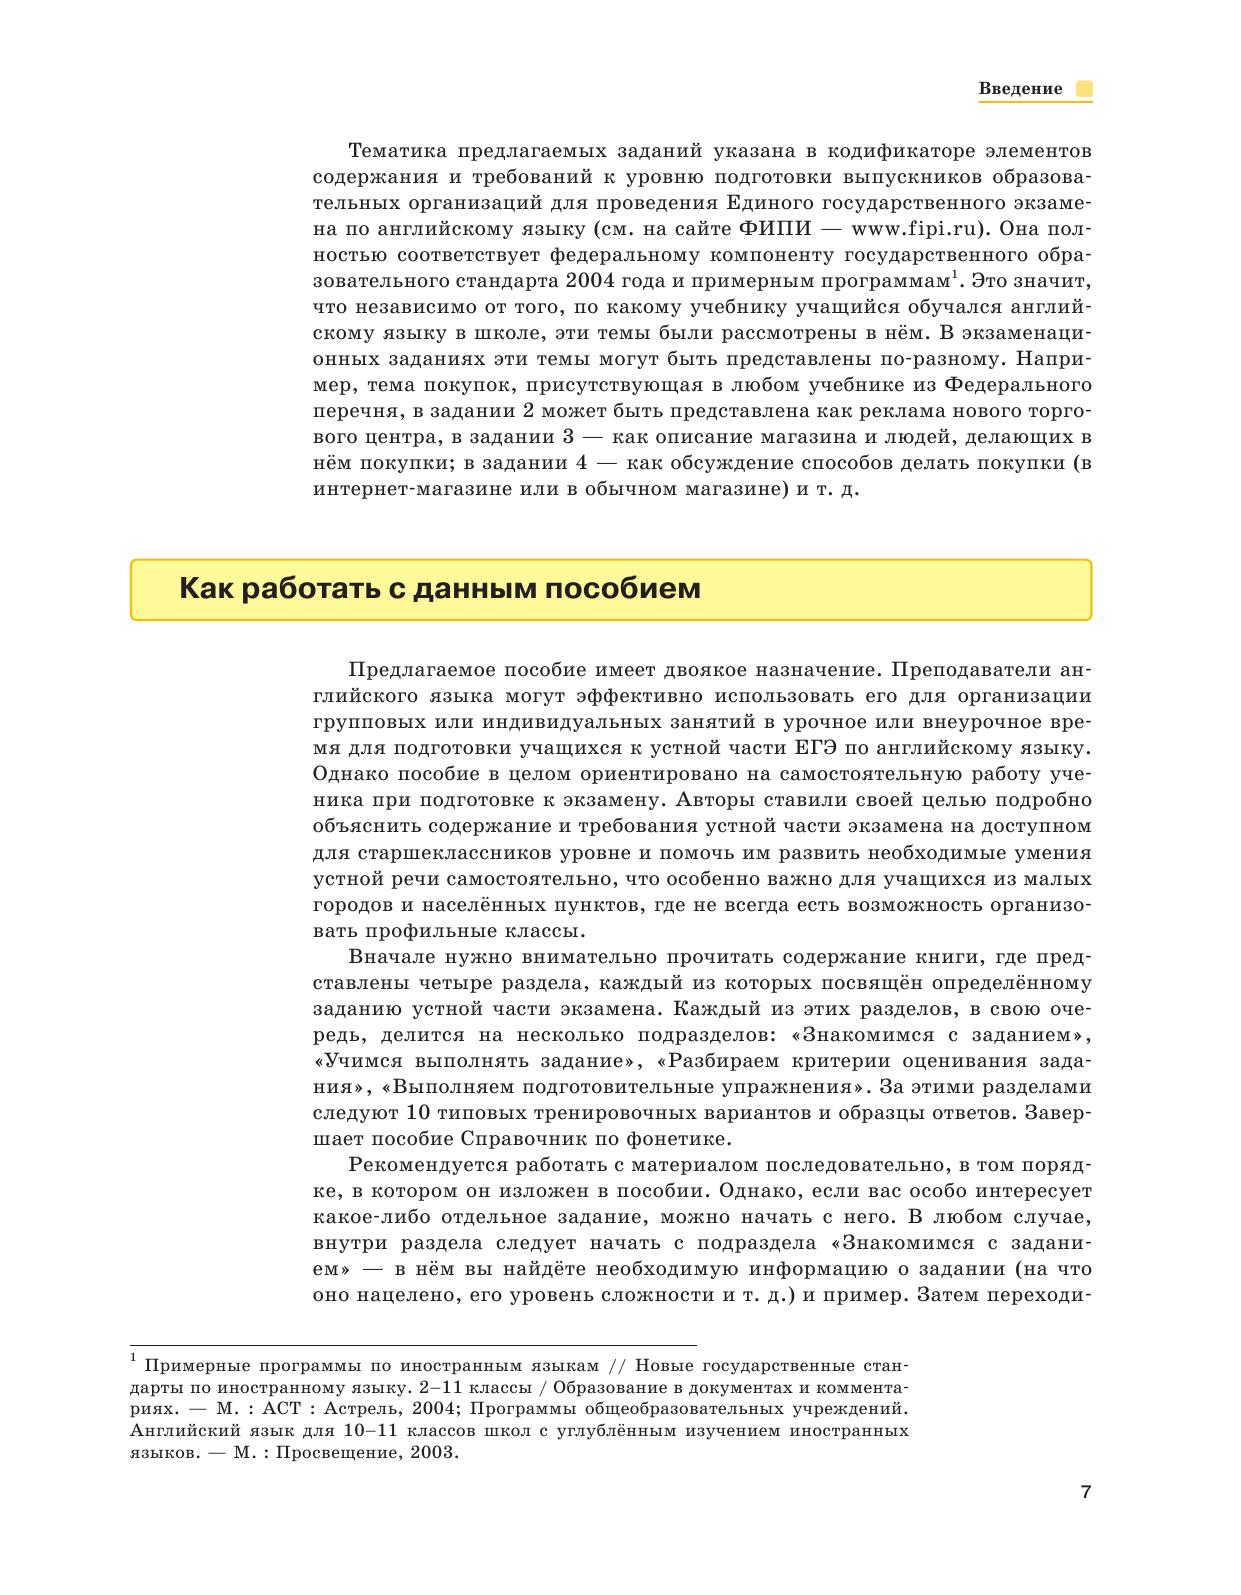 Устная часть ЕГЭ по английскому языку. 10–11классы. Практикум - страница 5